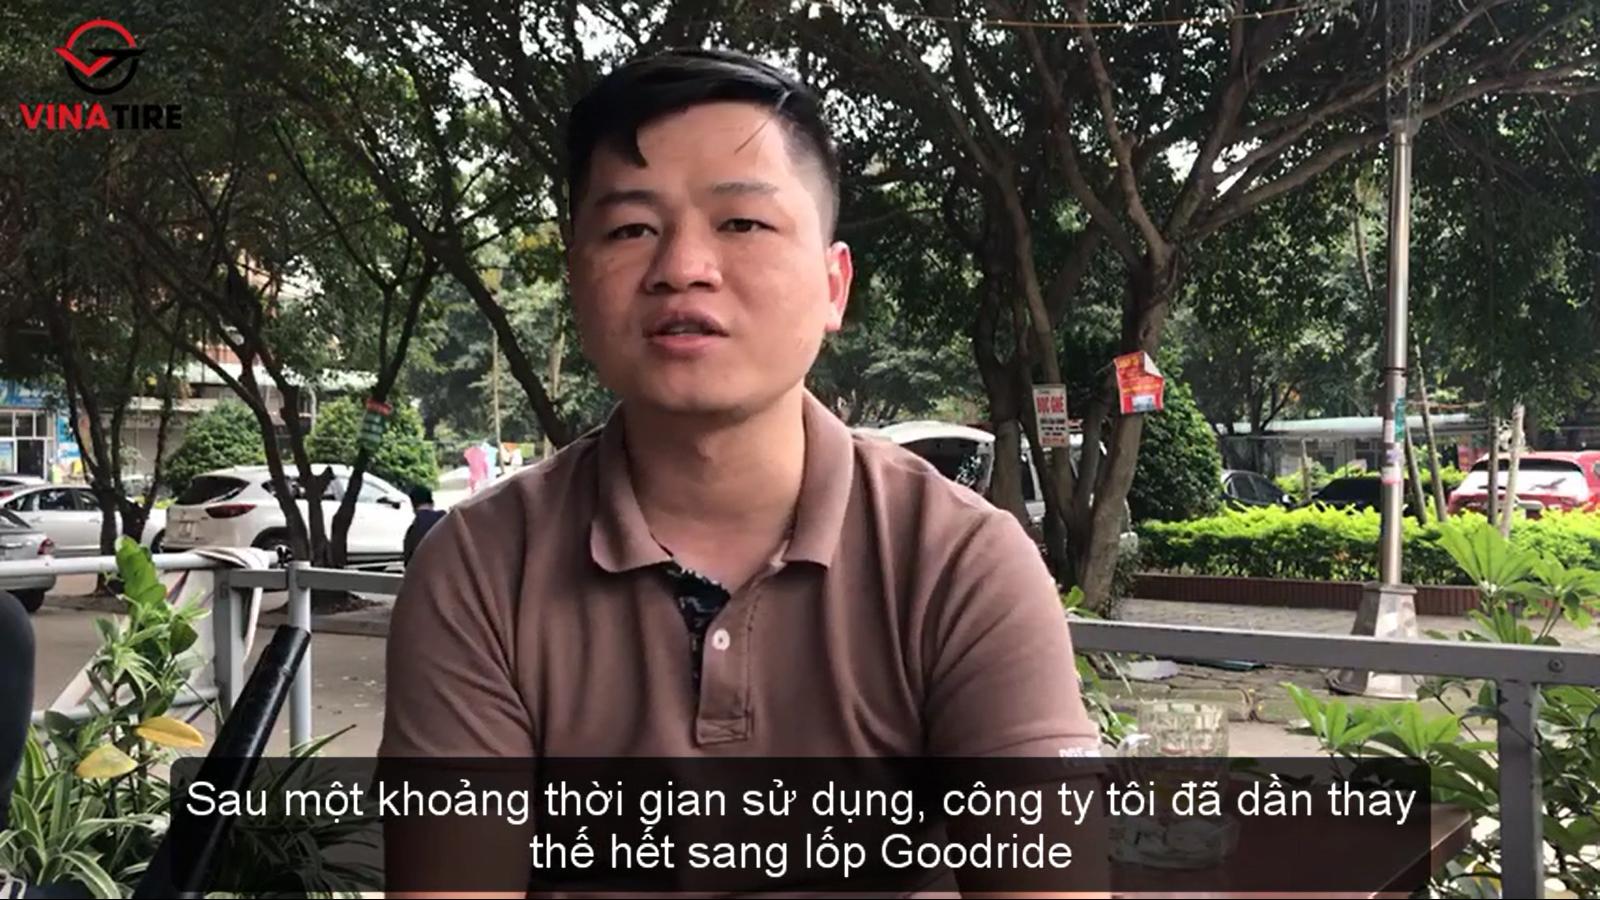 Mr. Phạm Hoàn